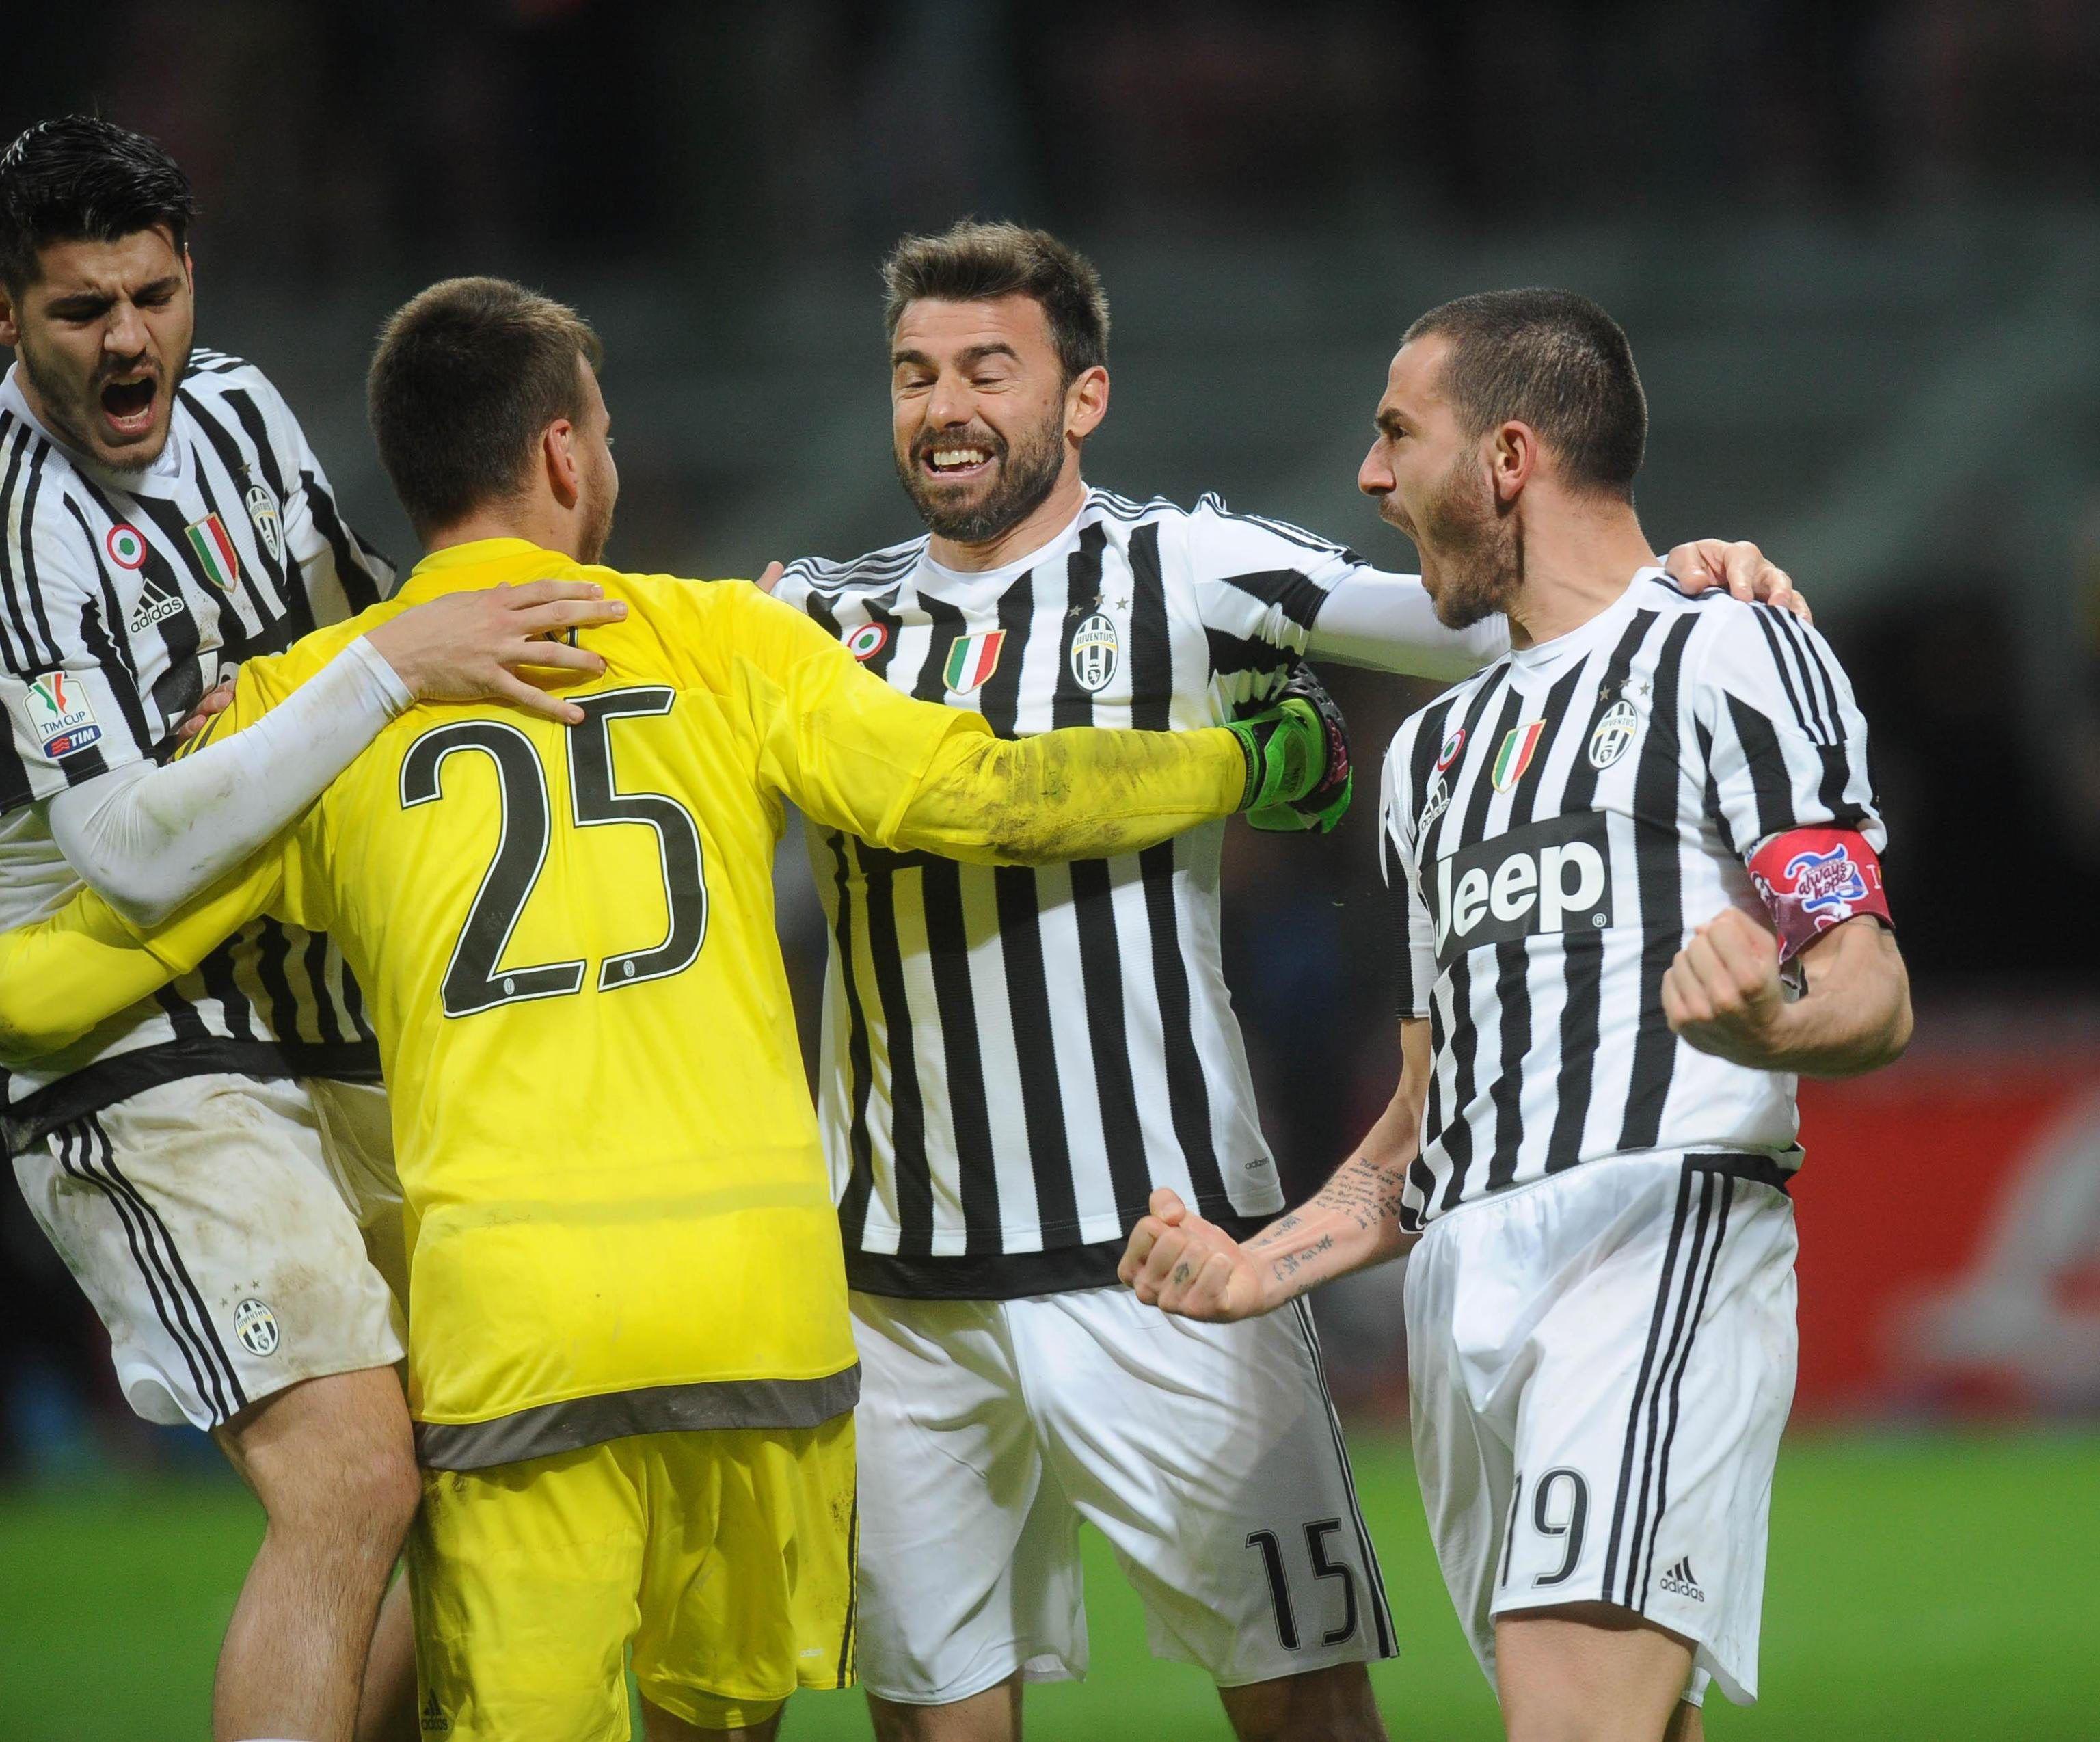 Palacio falló en la serie de penales y el Inter quedó afuera de la Copa Italia ante Juventus